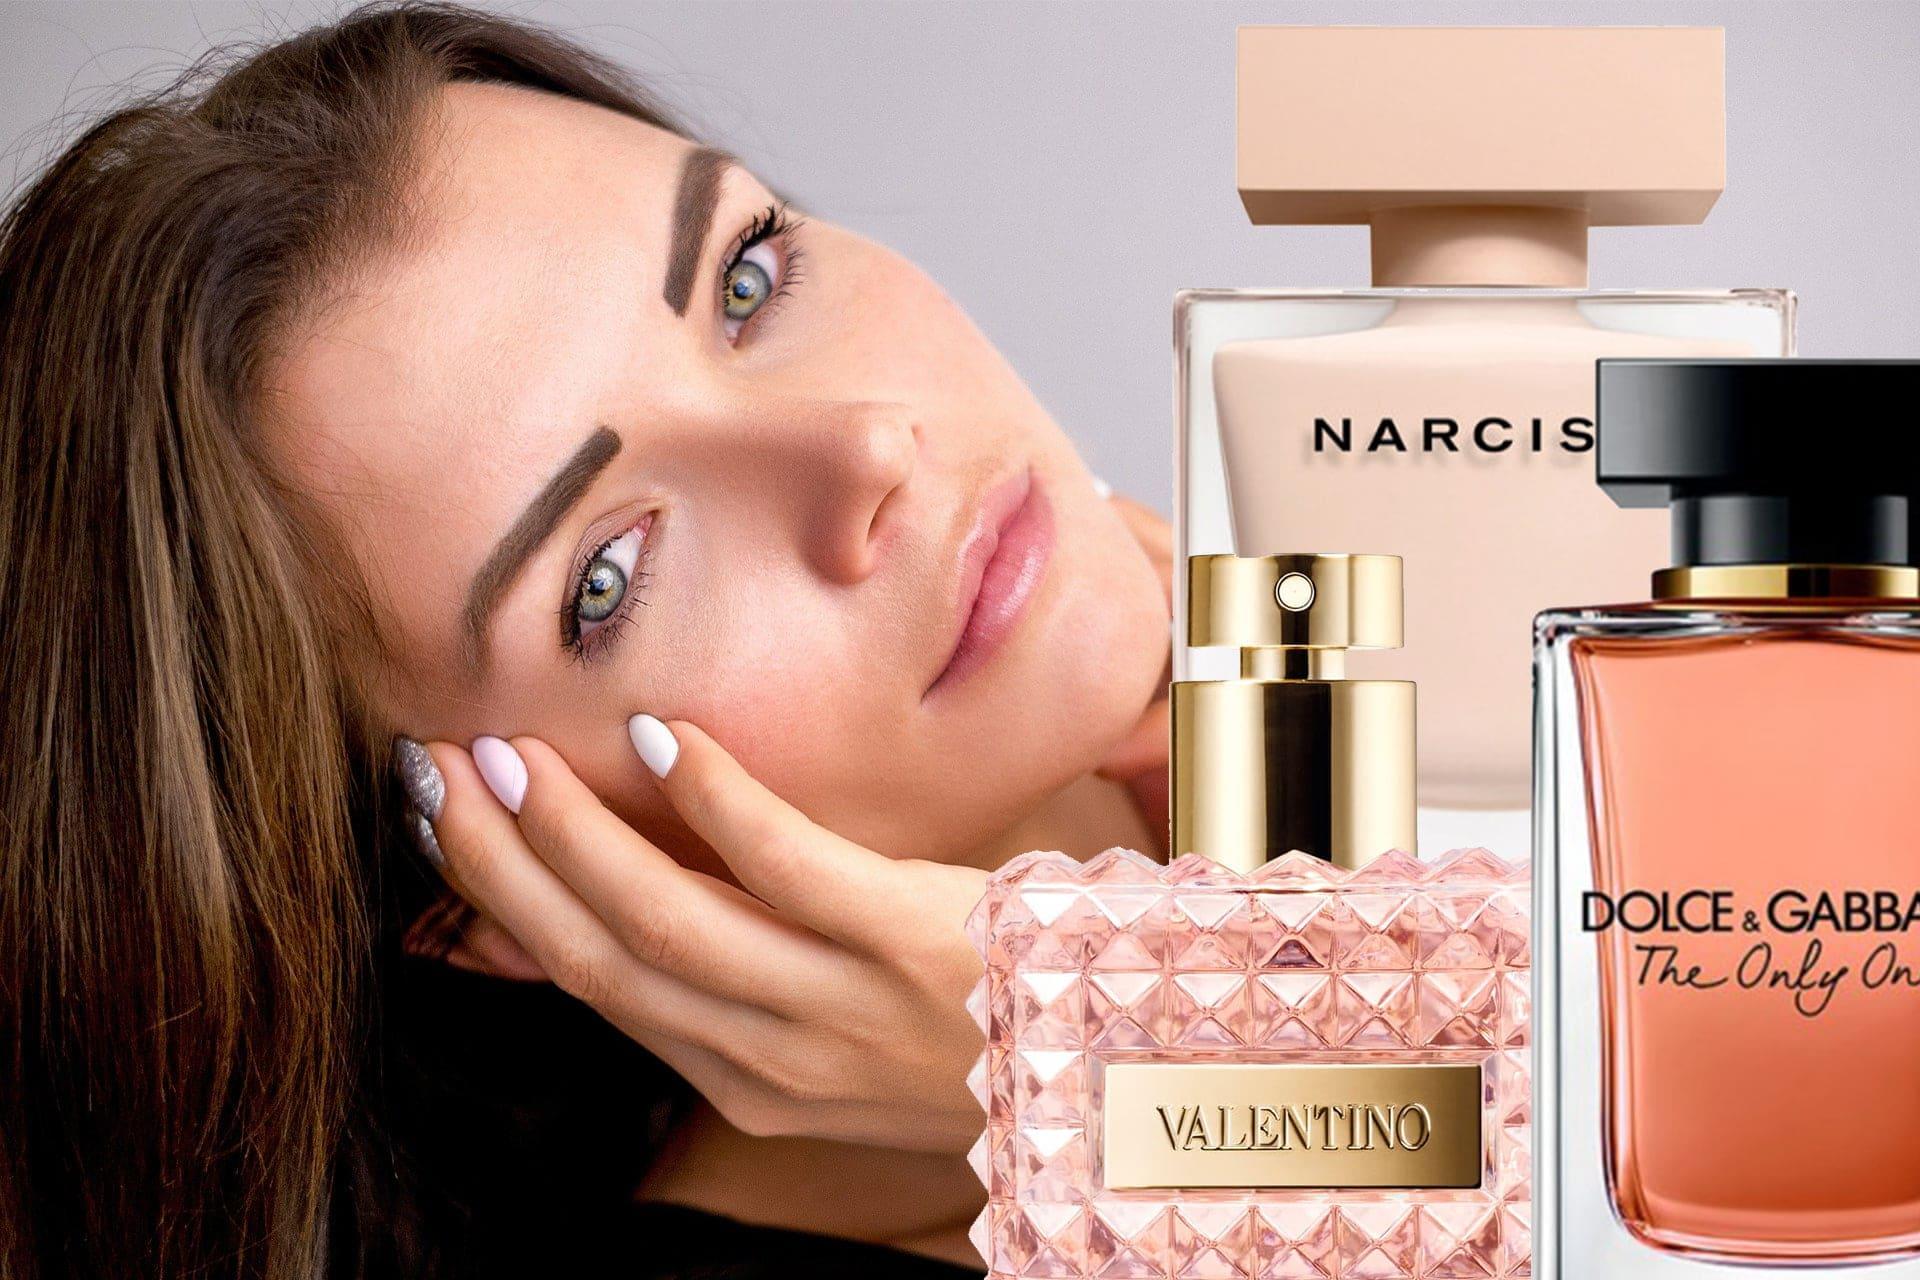 el mejor perfume de mujer según los hombres